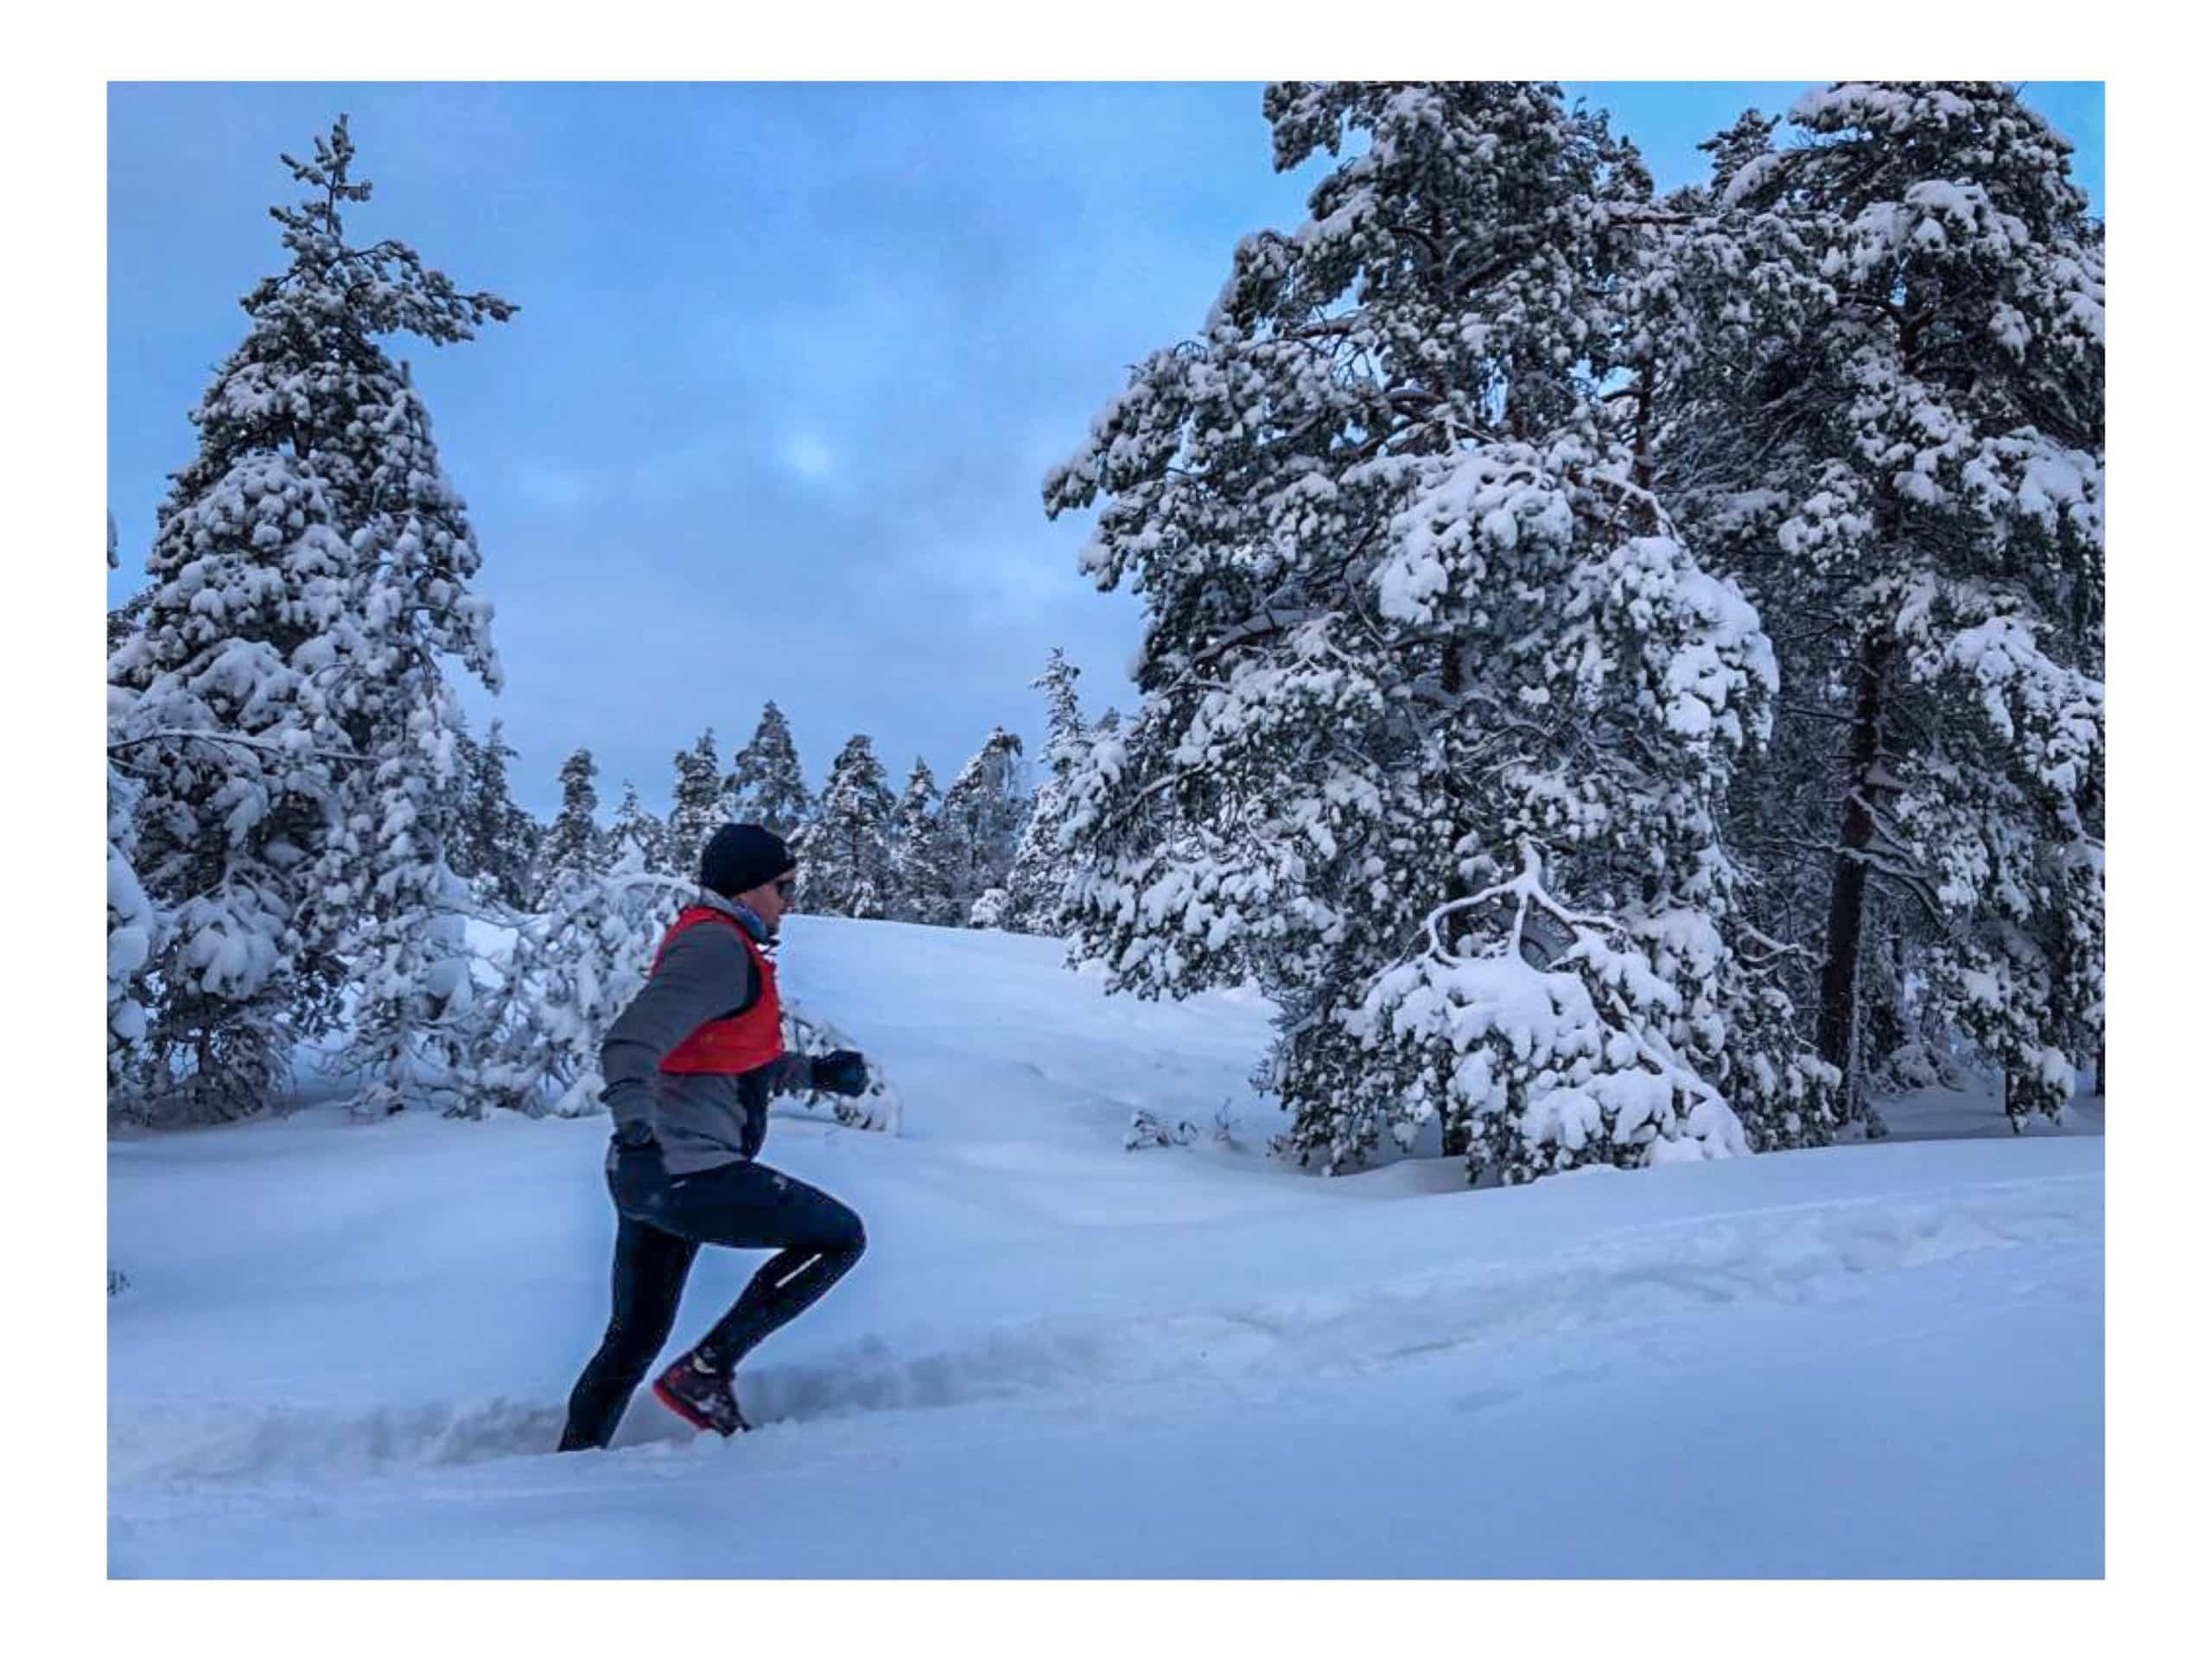 Juoksun aloittaminen sekä miten treenata eri matkoille